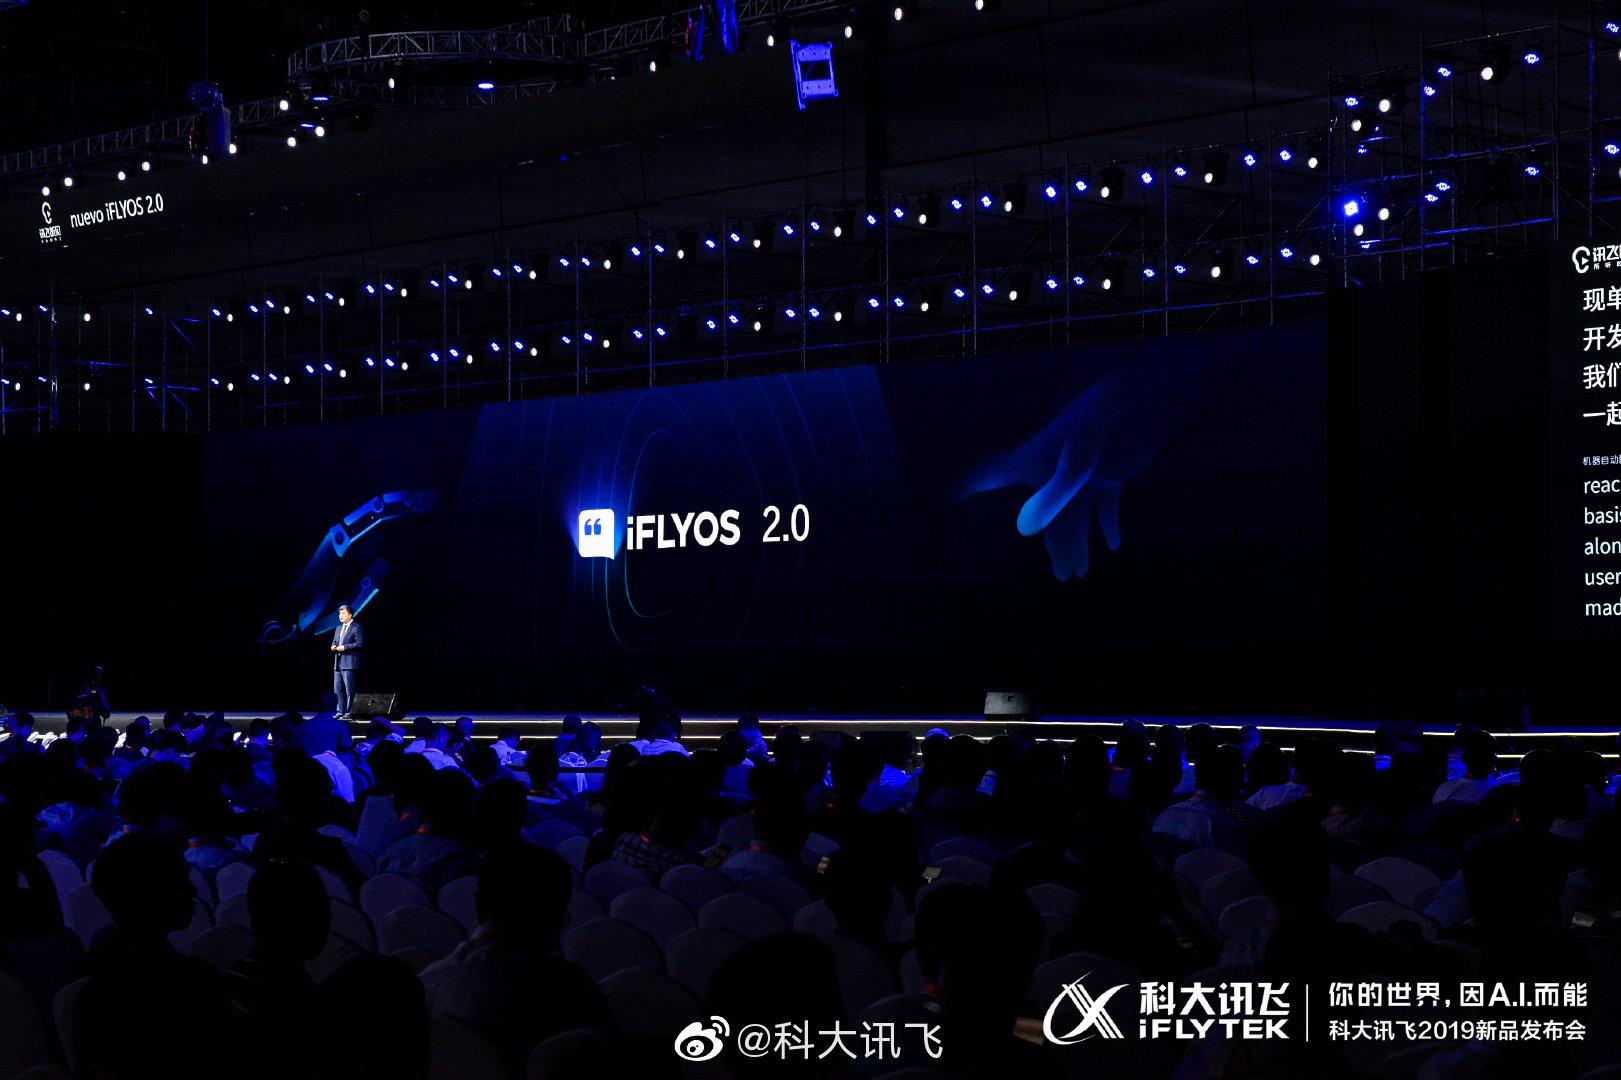 科大讯飞发布iFLYOS 2.0,助力智能设备快速落地